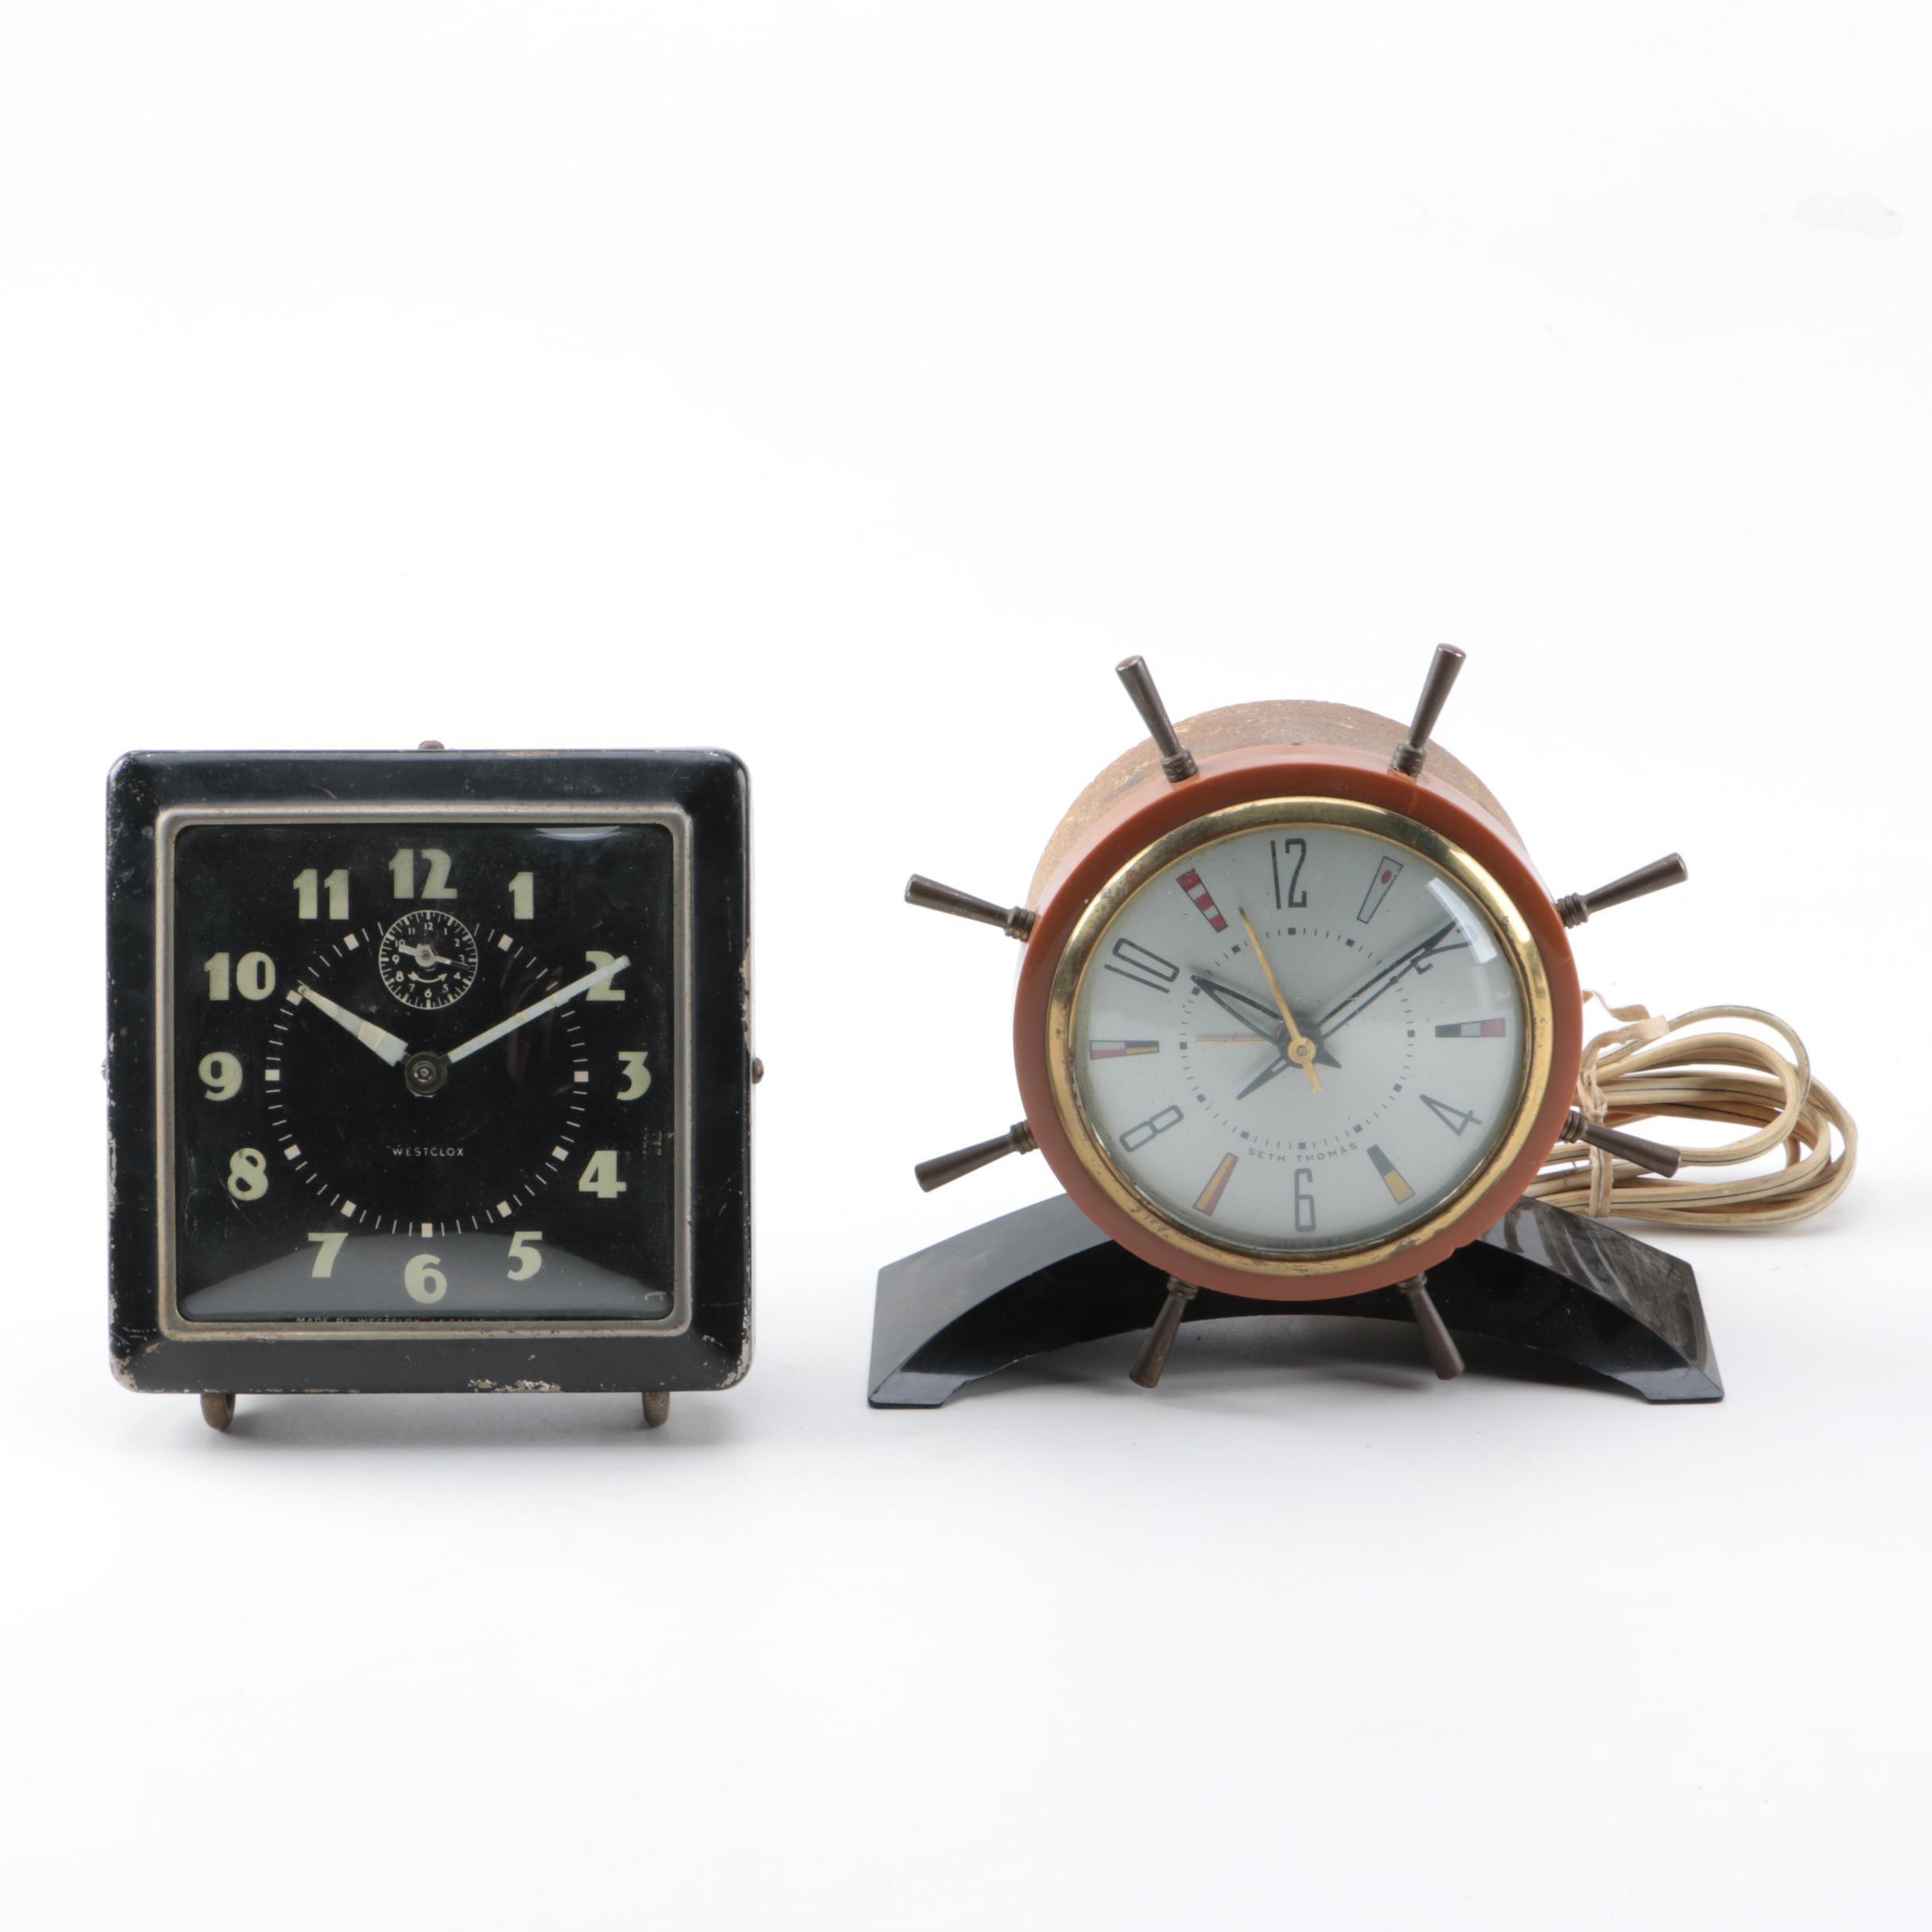 Vintage Clocks by Seth Thomas and Westclox